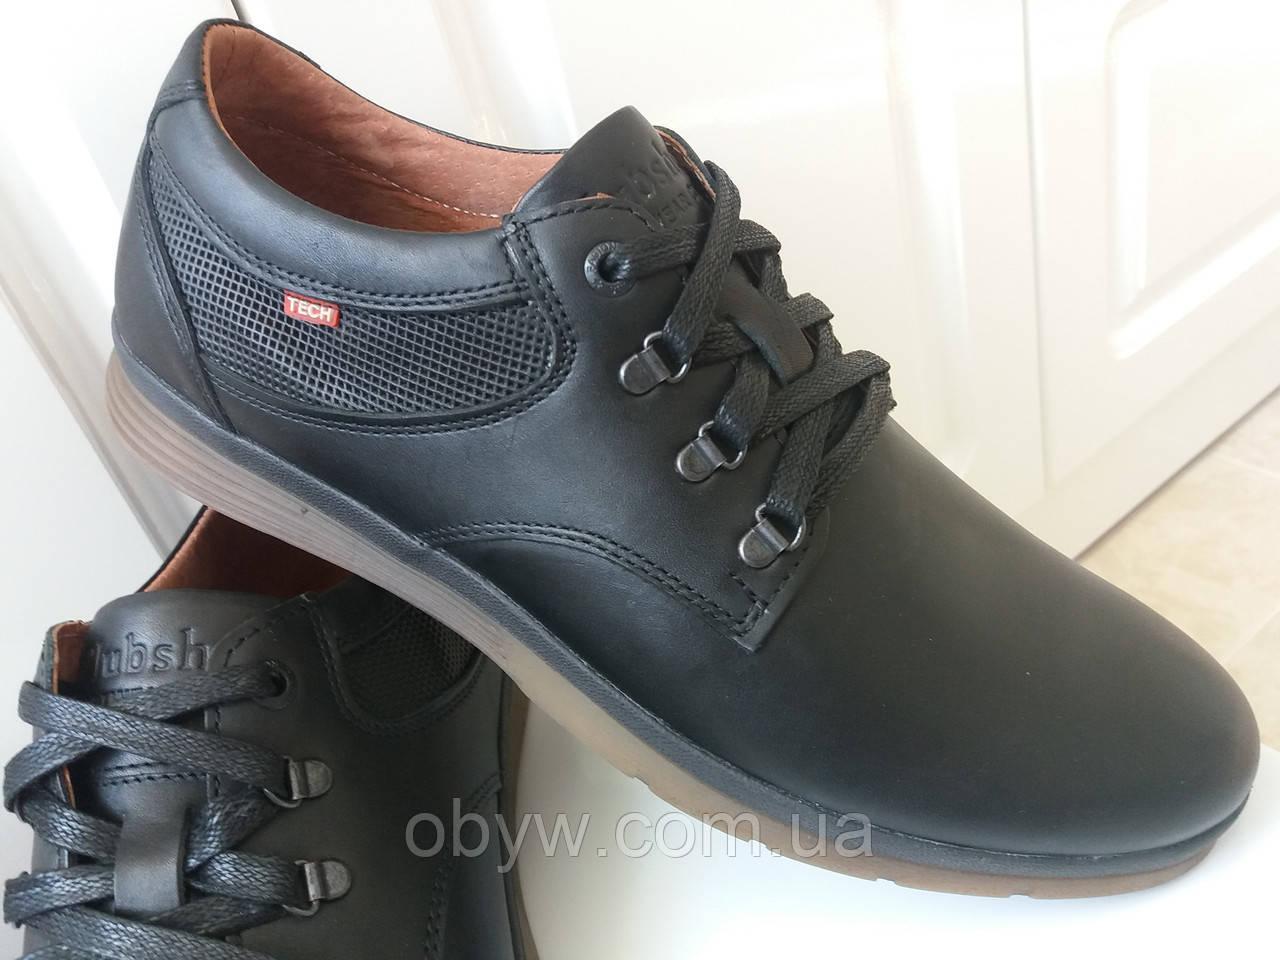 01945e63b Польские туфли мужские осенние кожаные: продажа, цена в Днепре ...